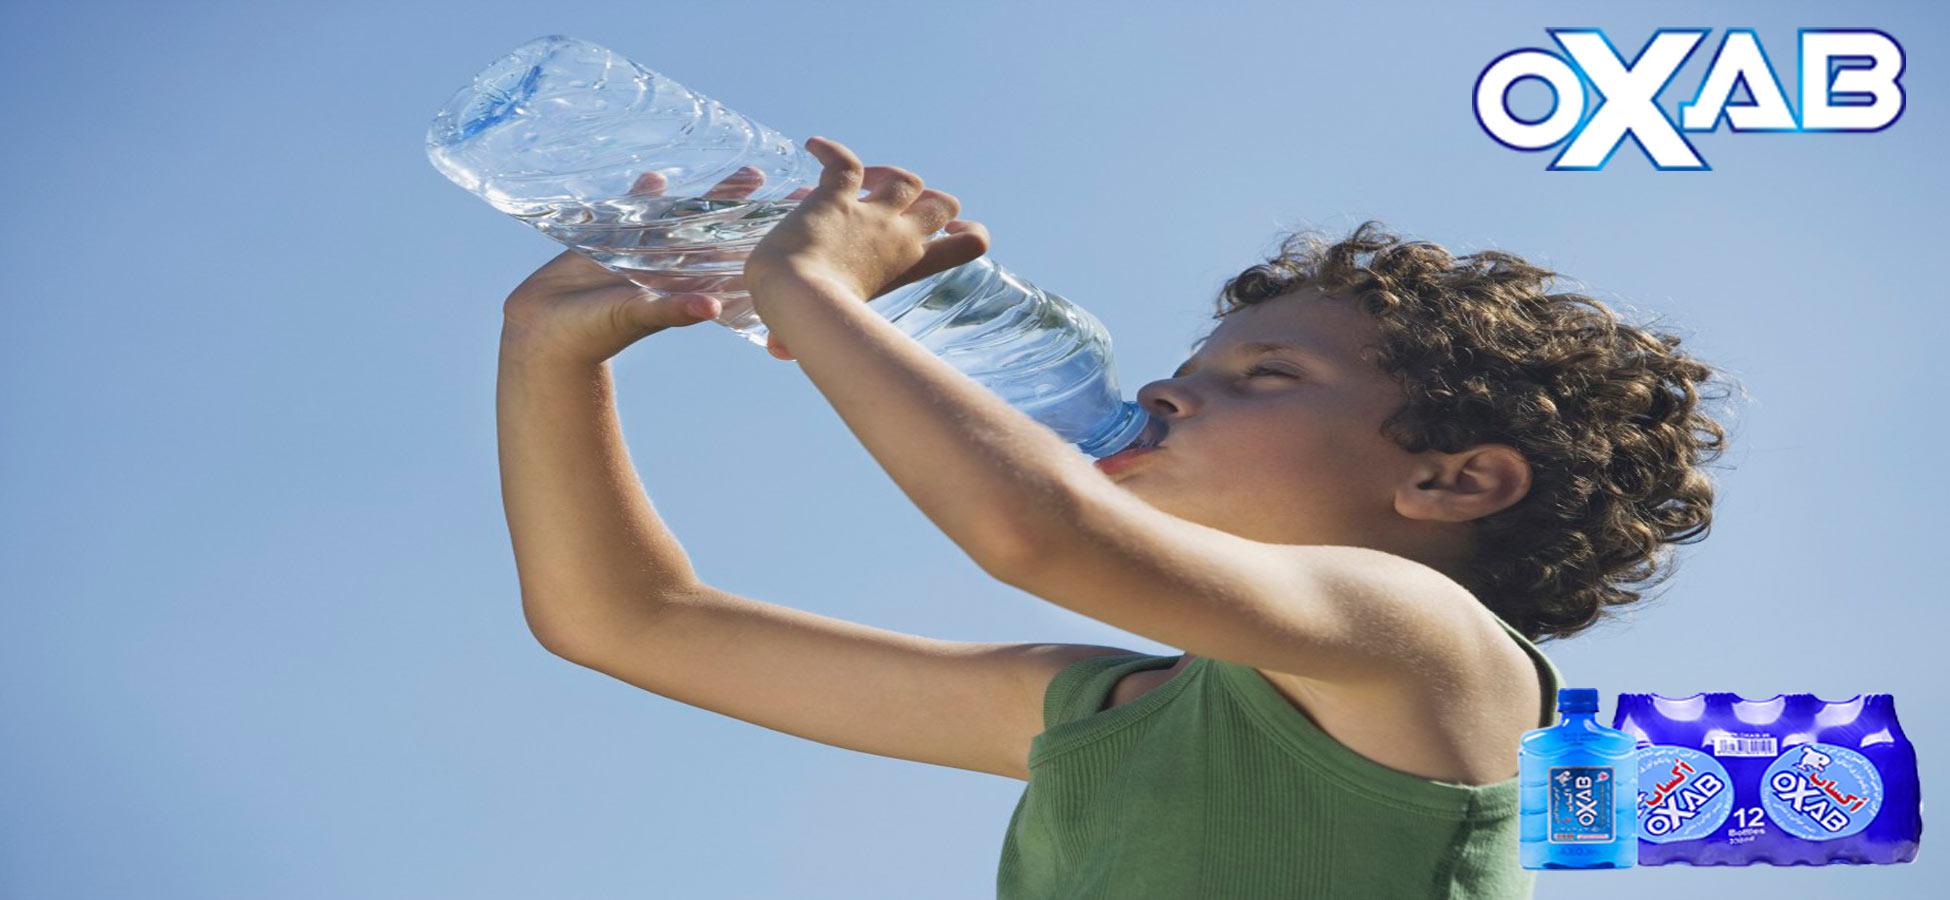 آیا نوشیدن آب زیاد ضرر دارد؟